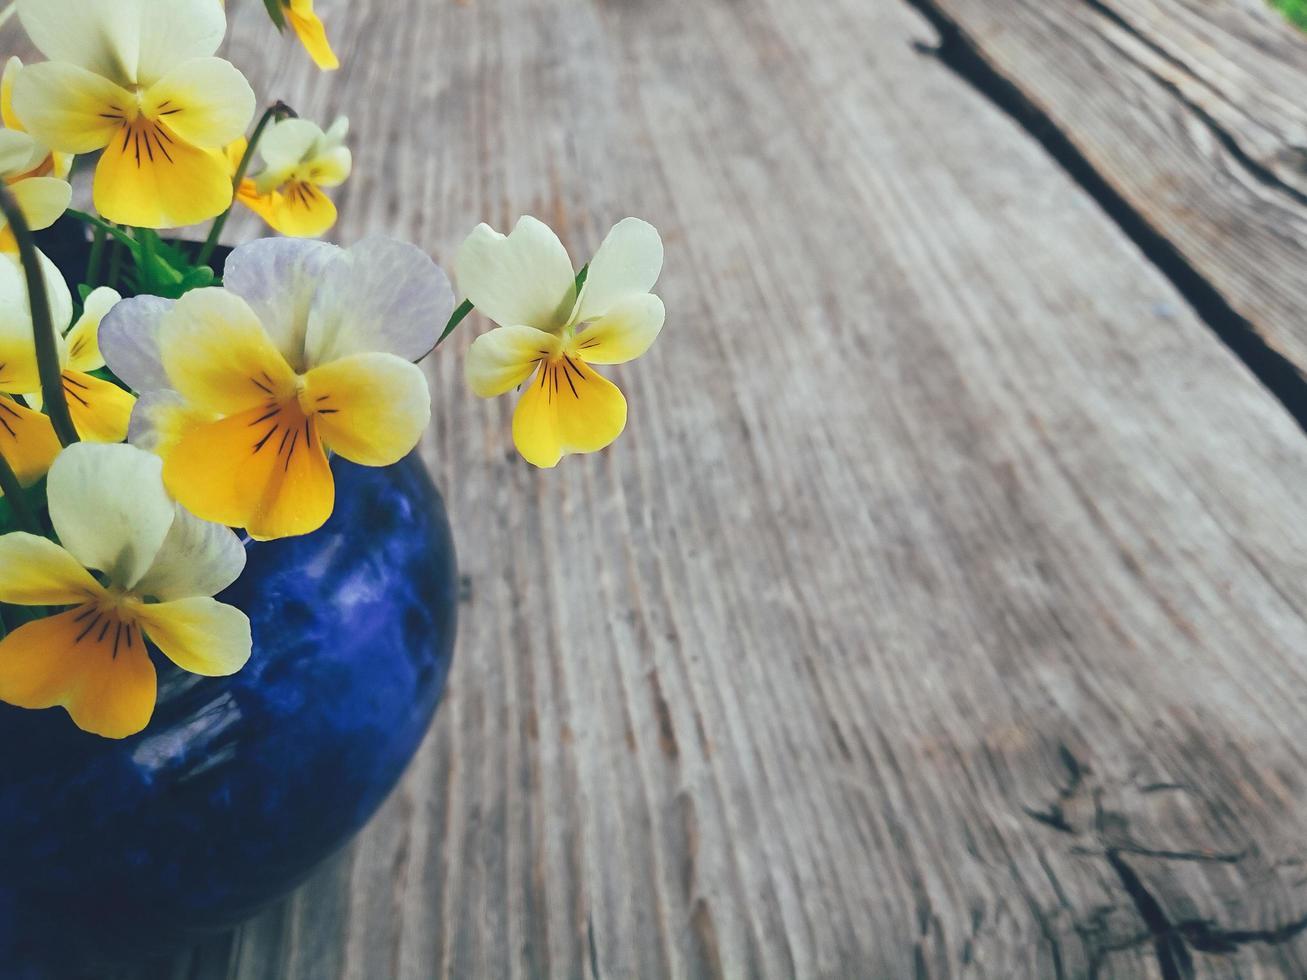 gula kyss-mig-snabba blommor i blå keramisk kopp, på träverandabakgrund. stilleben i rustik stil. närbild. sommar eller vår i trädgården, landsbygdens livsstilskoncept. kopiera utrymme foto